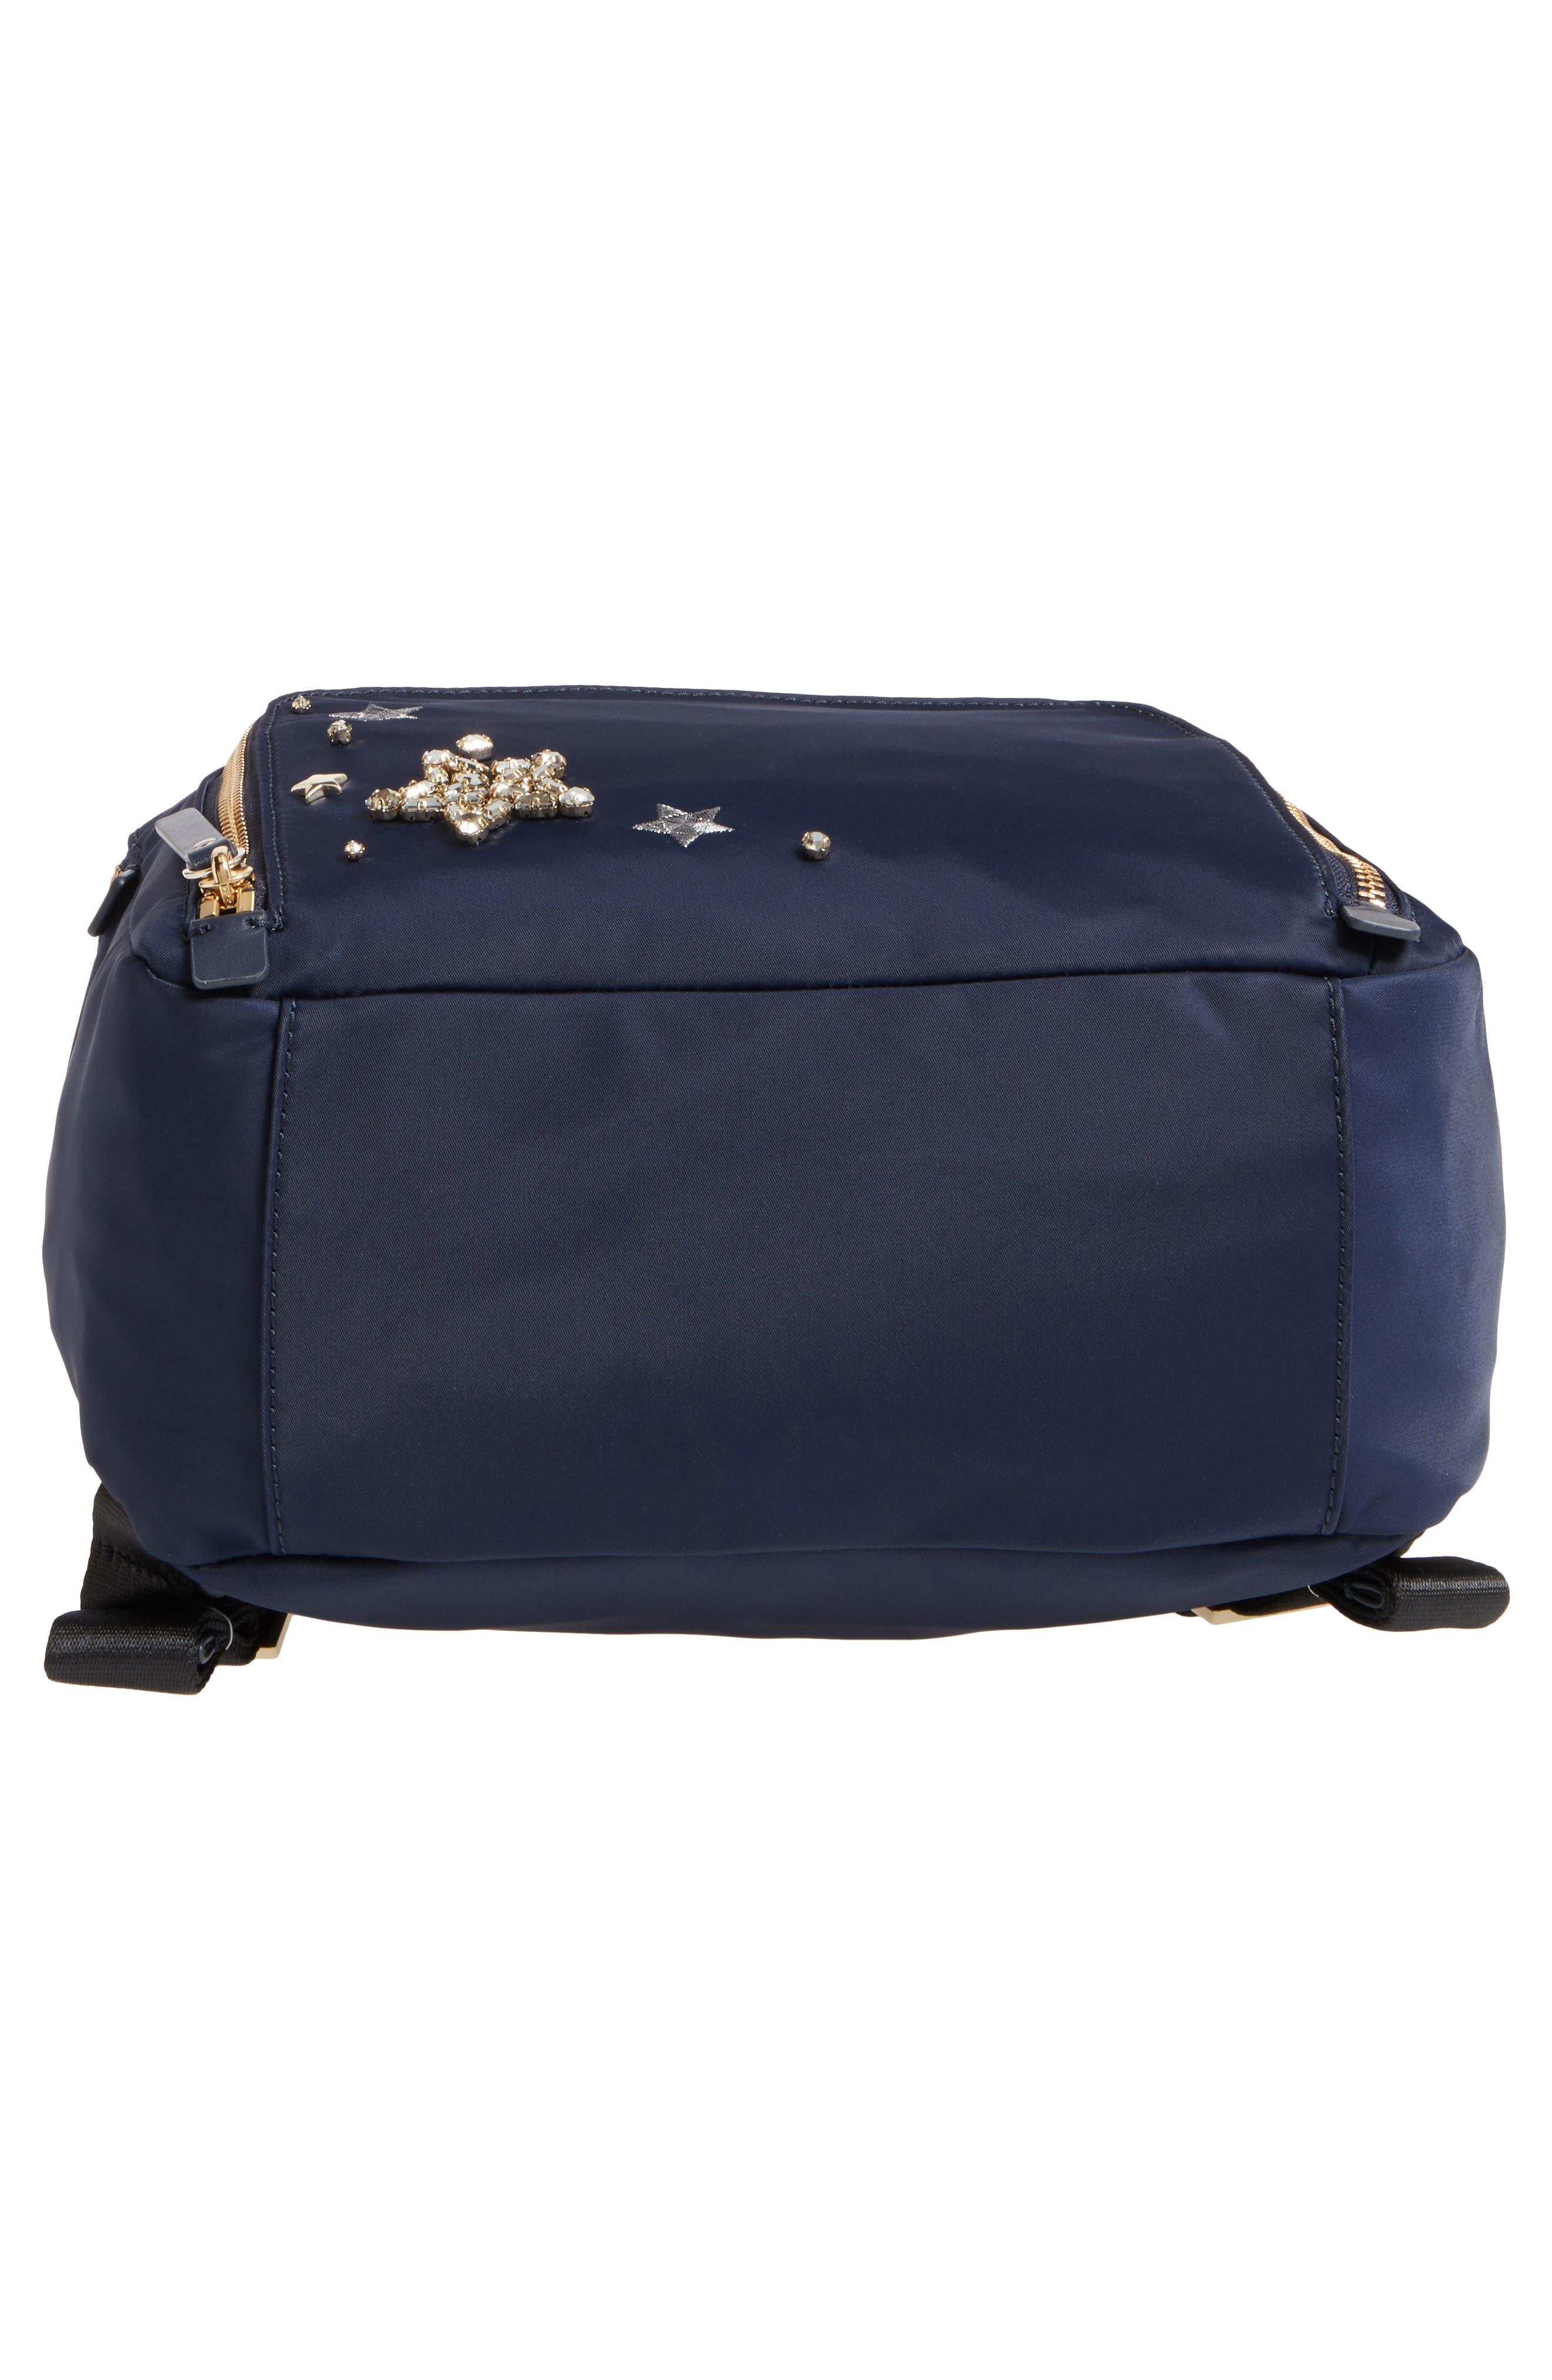 watson lane - hartley embellished nylon backpack,                             Alternate thumbnail 6, color,                             400